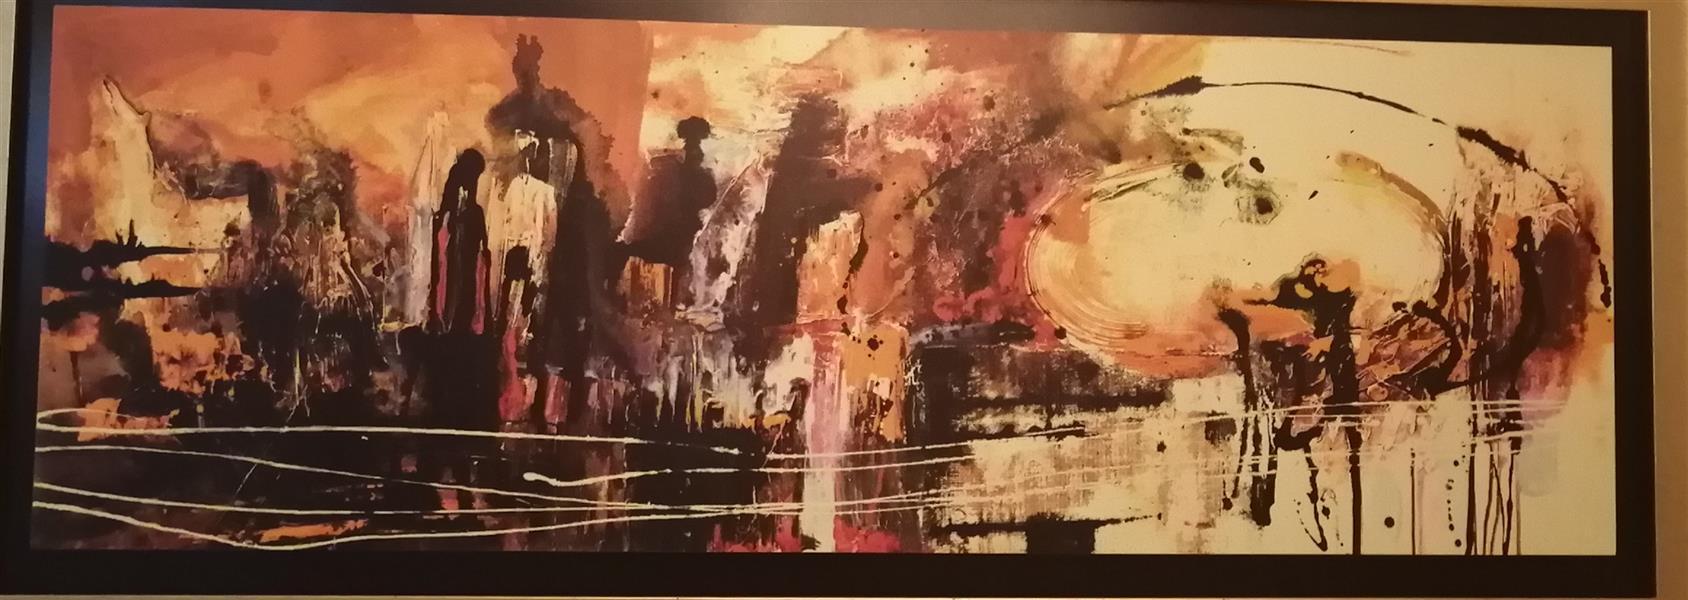 هنر نقاشی و گرافیک محفل نقاشی و گرافیک مهسا همایونفر رنگ روغن، طرح خاص و مدرن